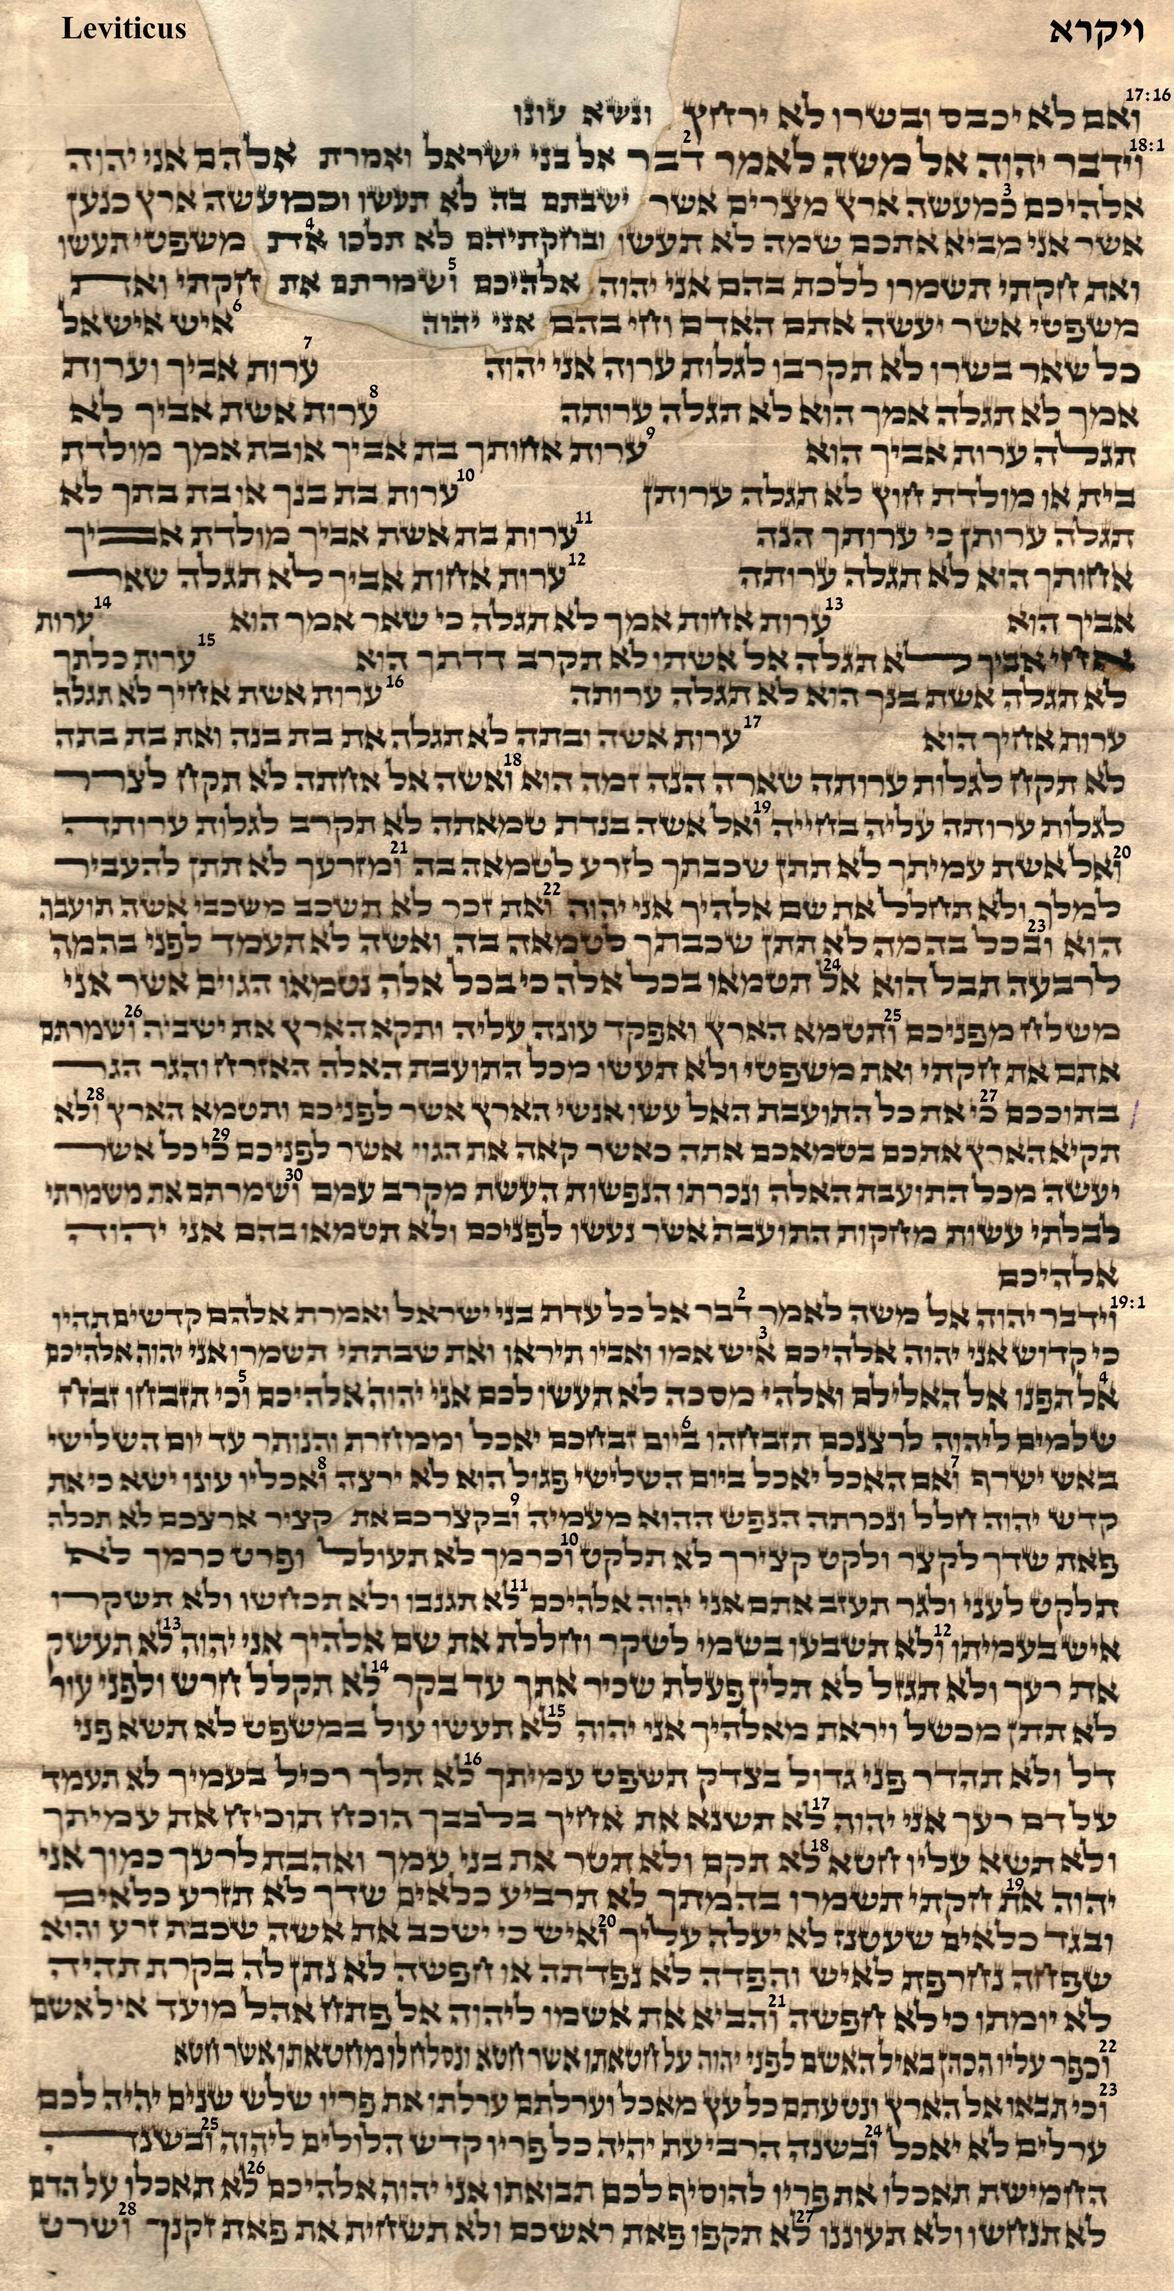 Leviticus 17.16 - 19.28